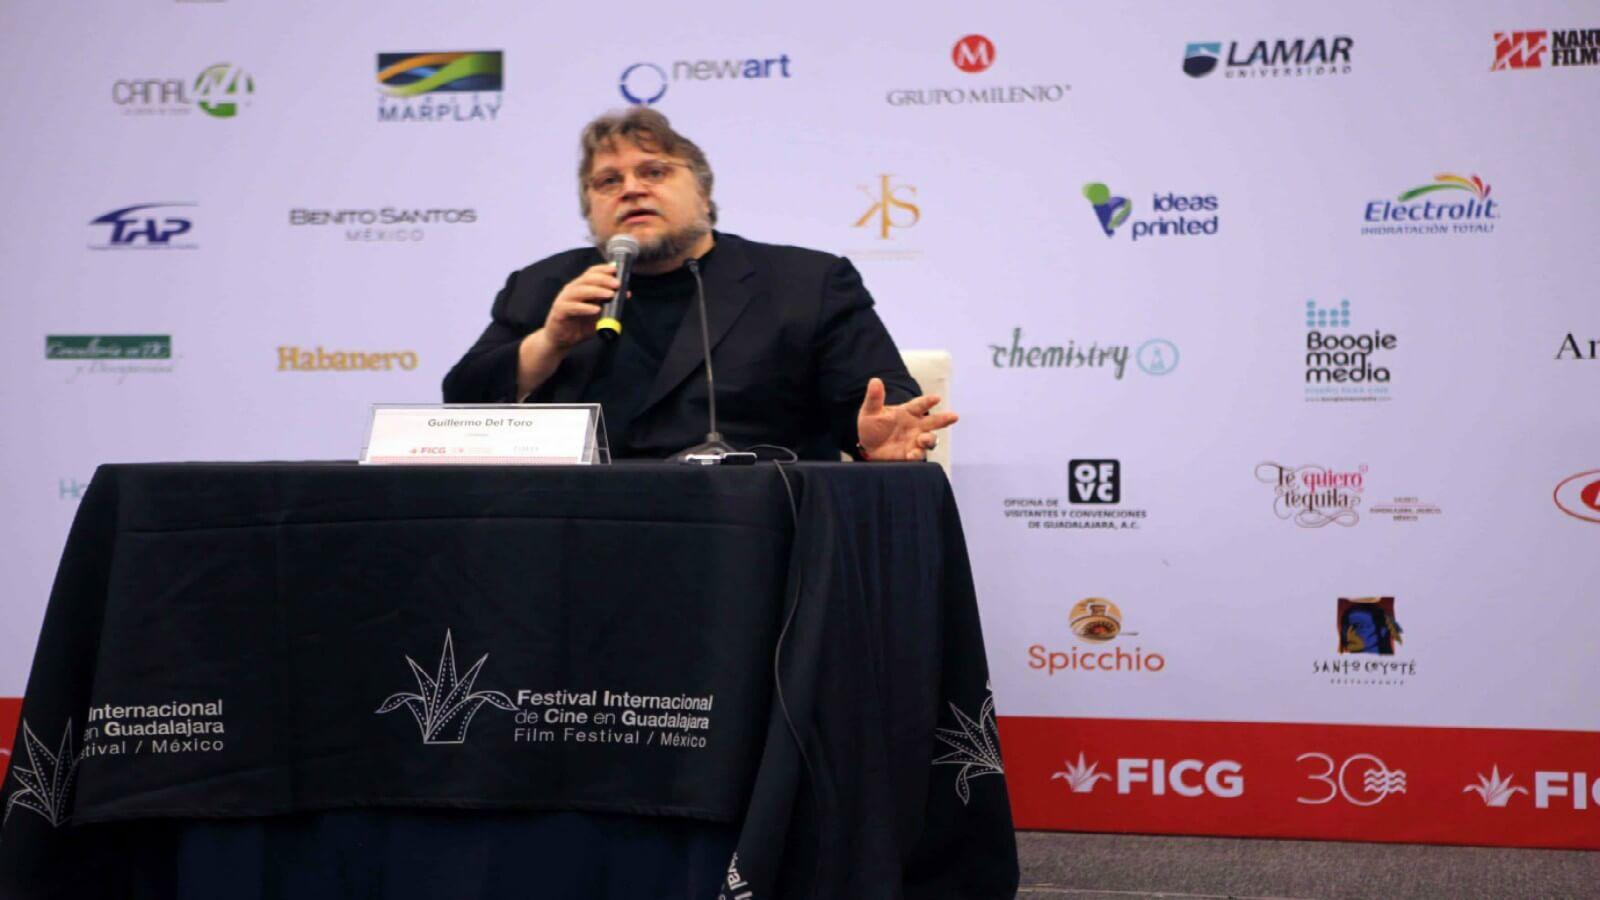 Guillermo del Toro impartirá clases magistrales en FICG